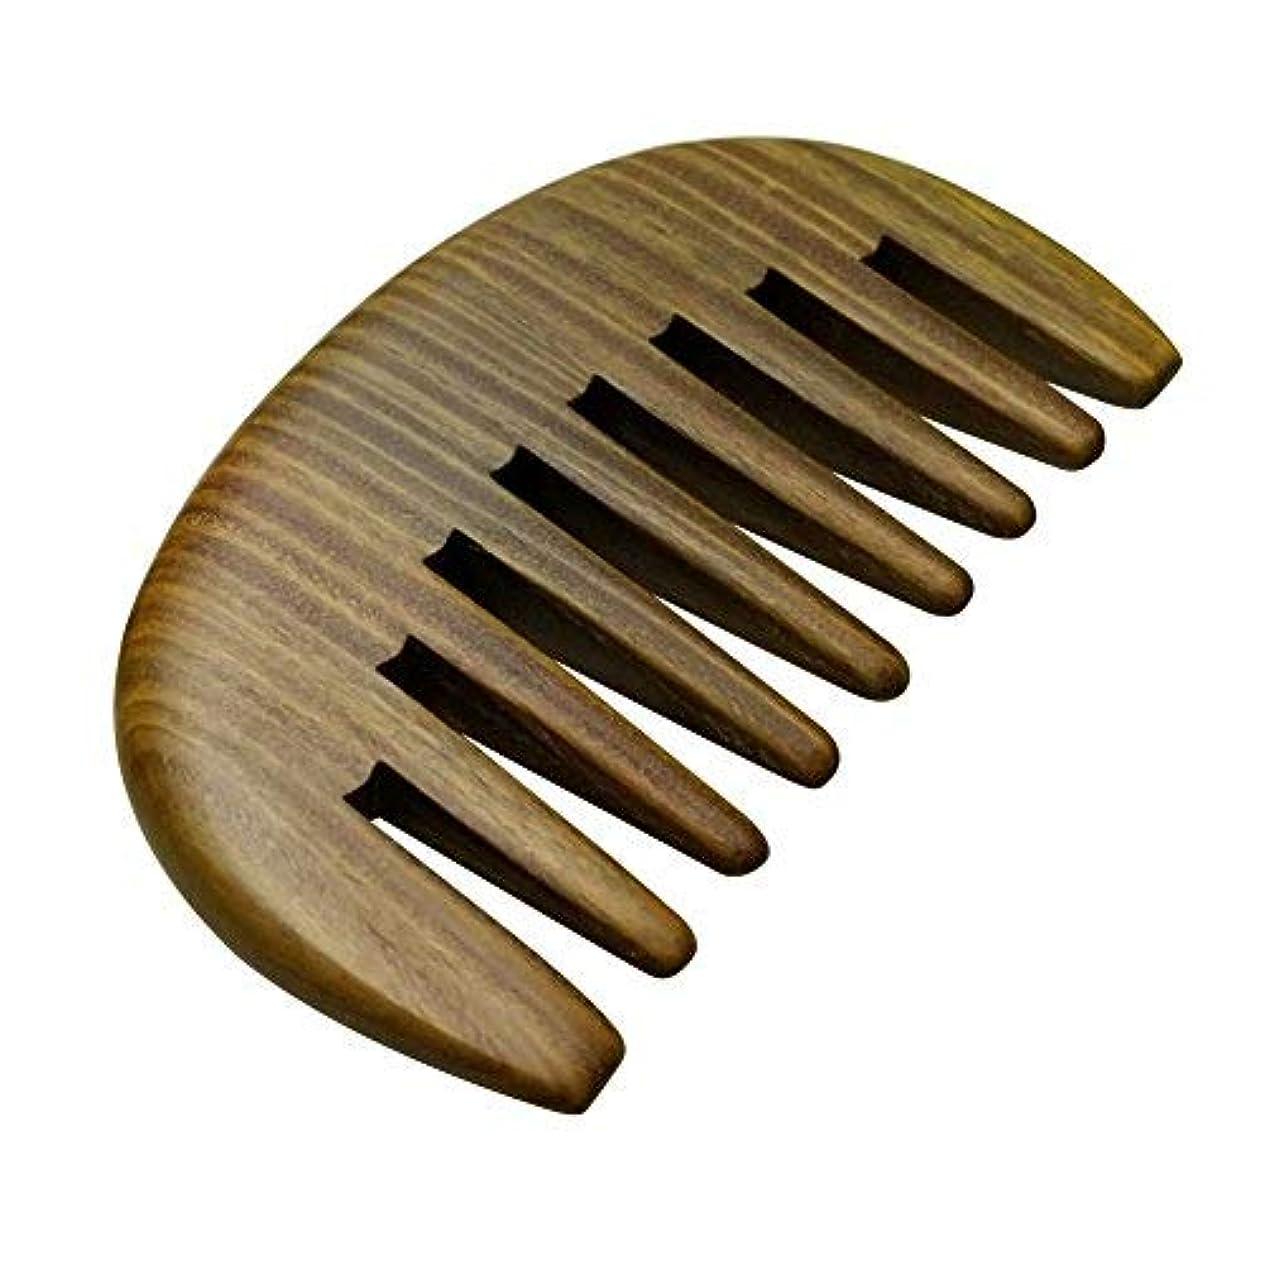 温度信頼できる激怒Hair Comb Wooden Wide Tooth Detangling Comb for Curly Hair Anti-Static Wood Combs Handmade Natural Sandalwood Comb for Thick Curly and Wavy Hair Reduce Hair Breakage and Split Ends for Women Men Kids [並行輸入品]